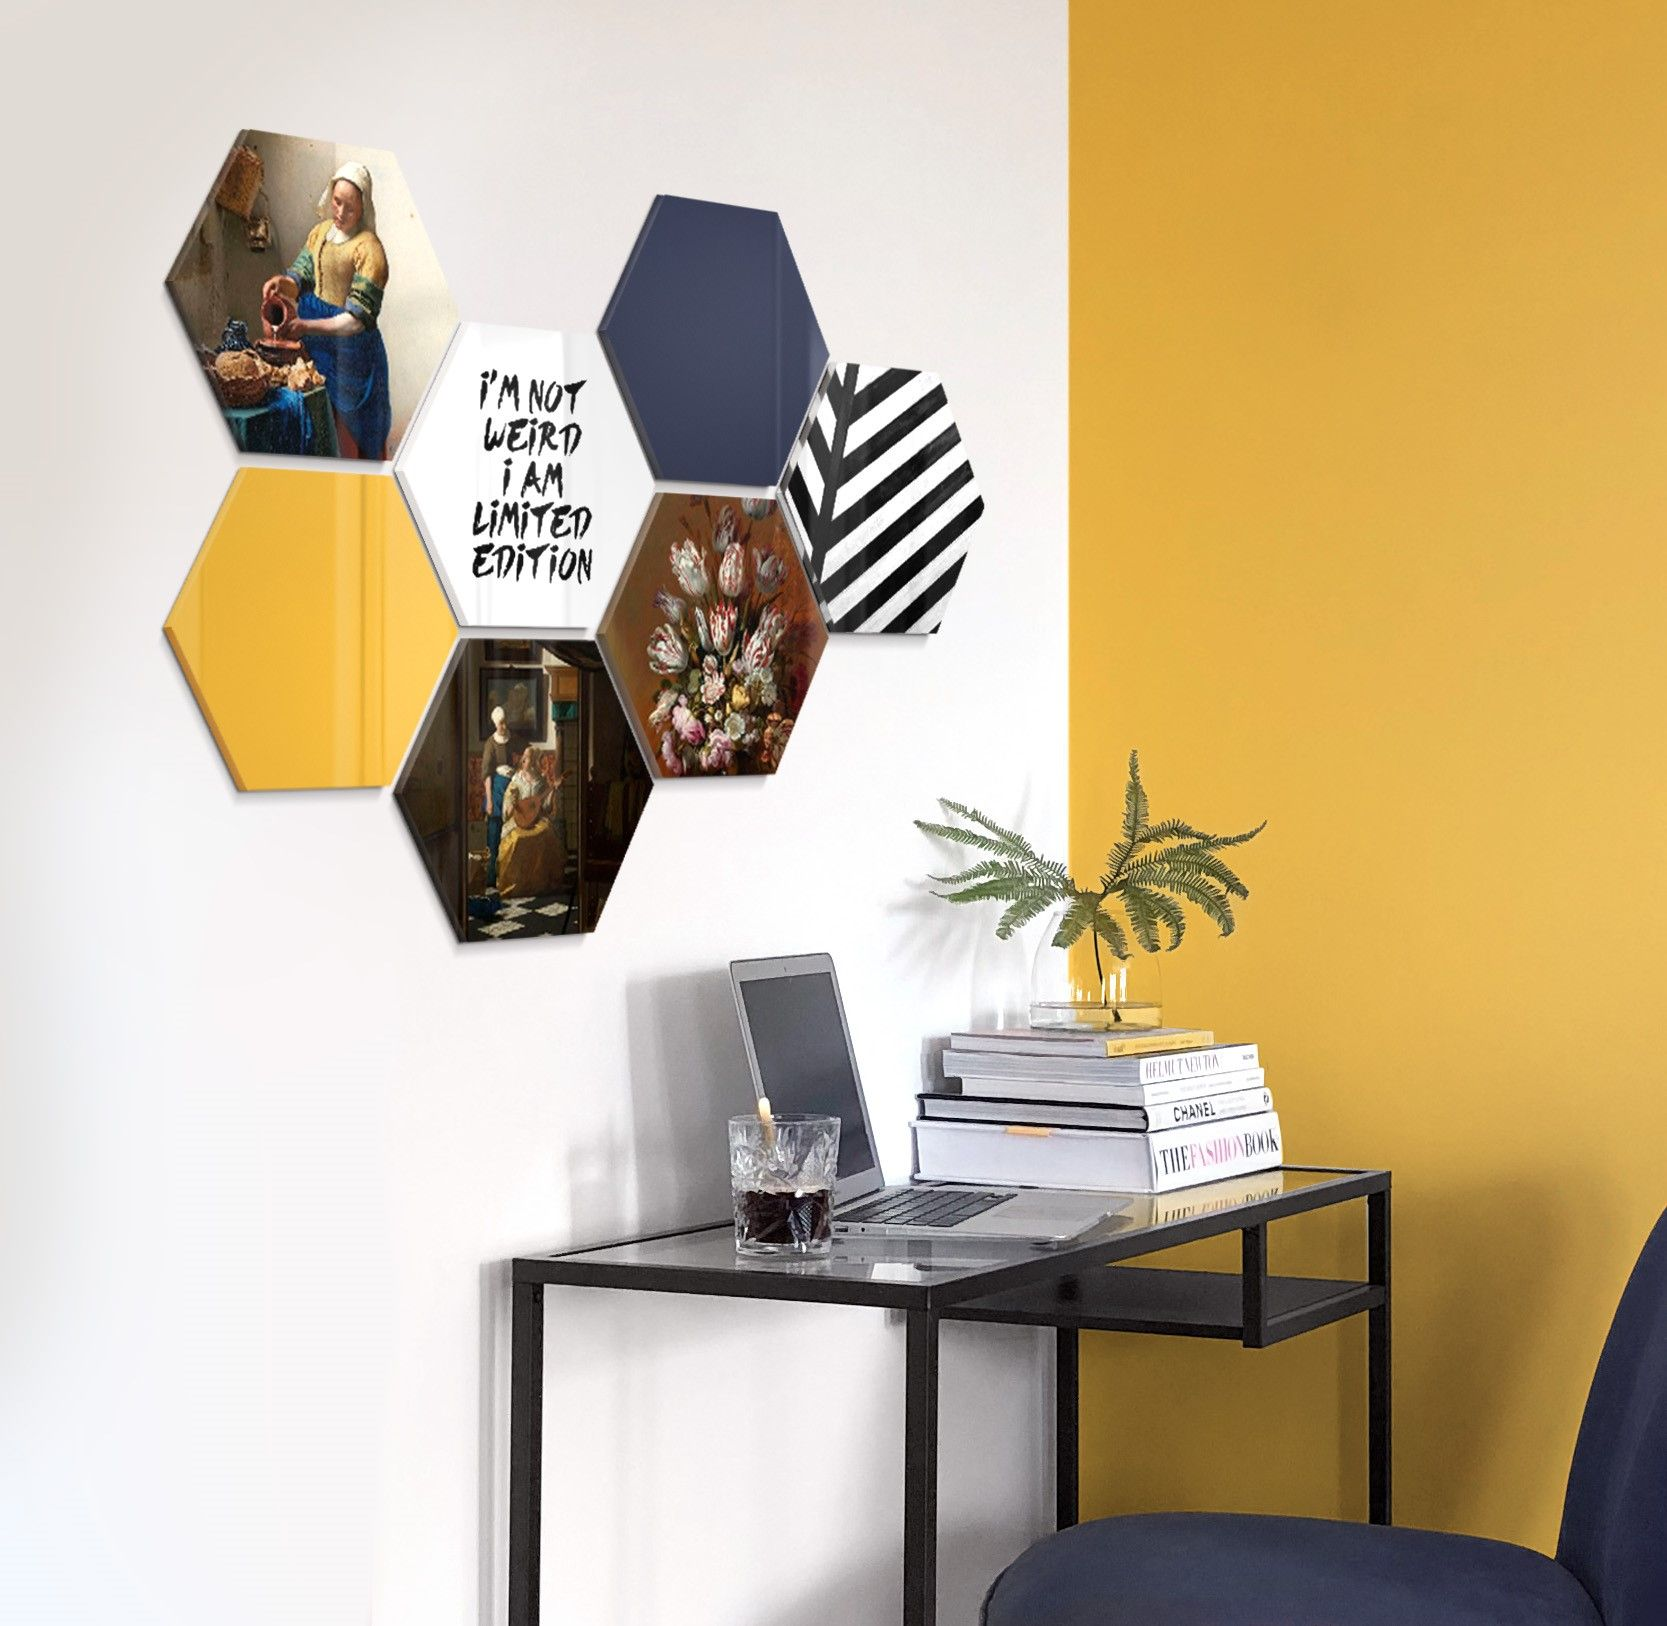 Blue Yellow Prachtige Wanddecoratie Afgestemd Op Jouw Interieur Combineer Beelden Van Kunstwerken Van Oude S Interieur Interieur Woonkamer Thuisdecoratie